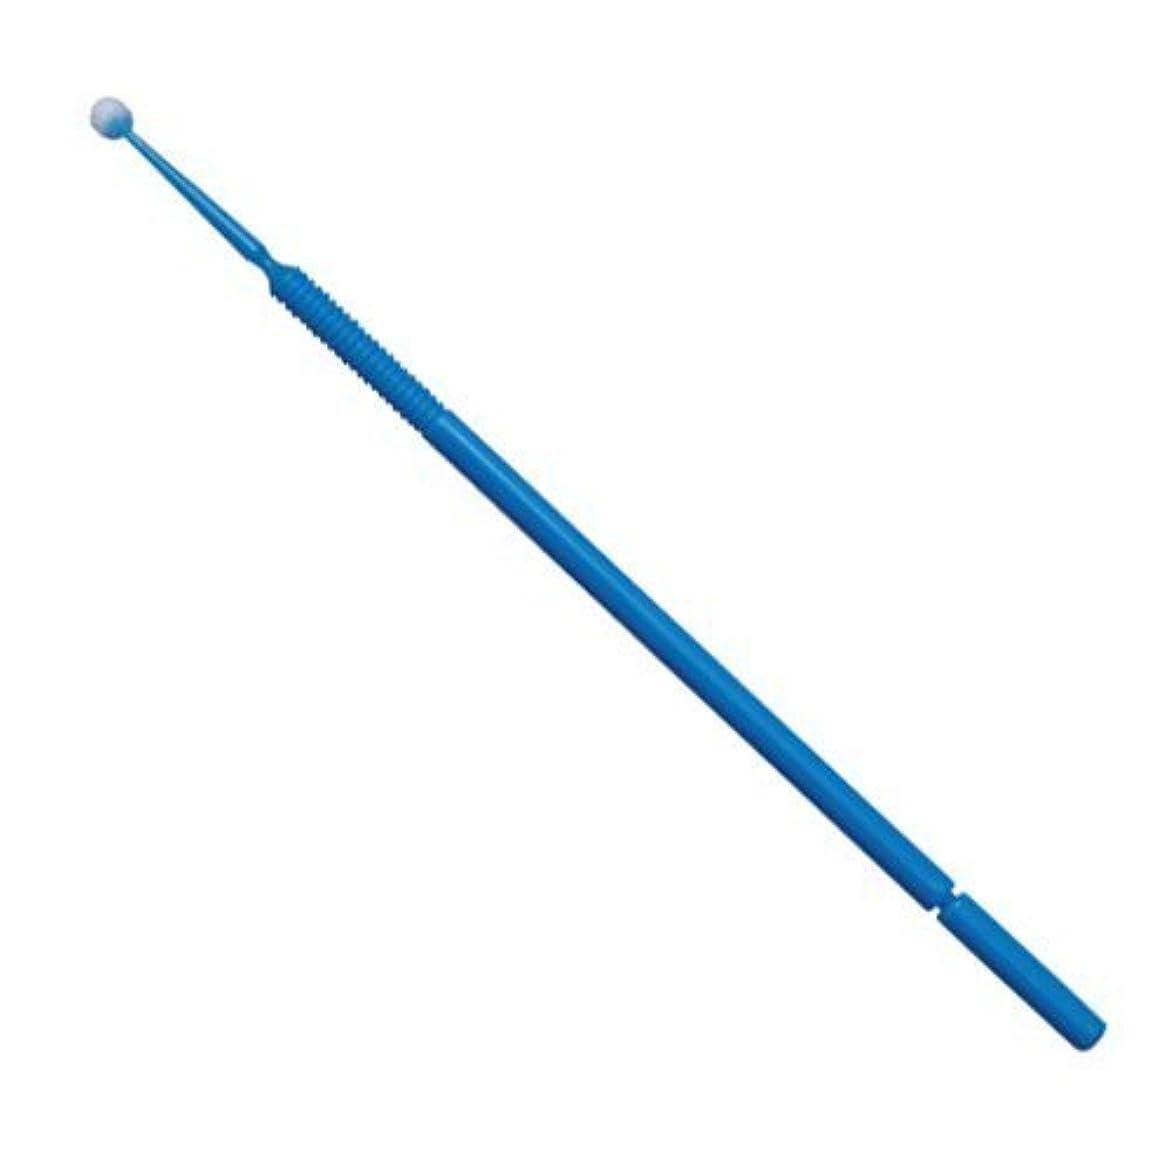 場合タイヤ刺激するマイクロアプリケーター(マイクロブラシ) レギュラー:φ2.0mm、ブルー/ 1箱100本